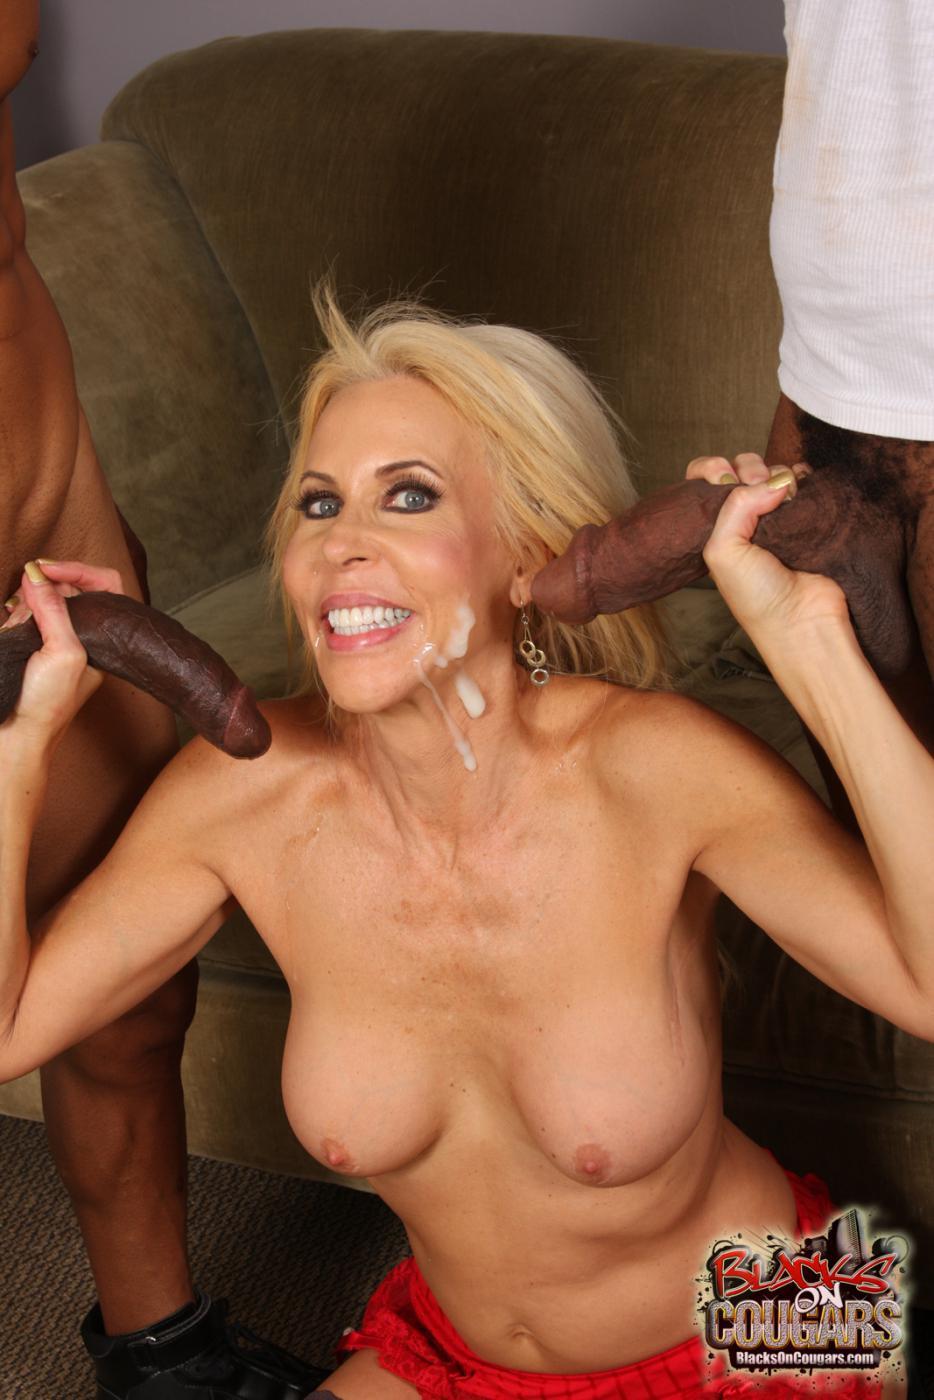 Фото порно актрисы laurenb